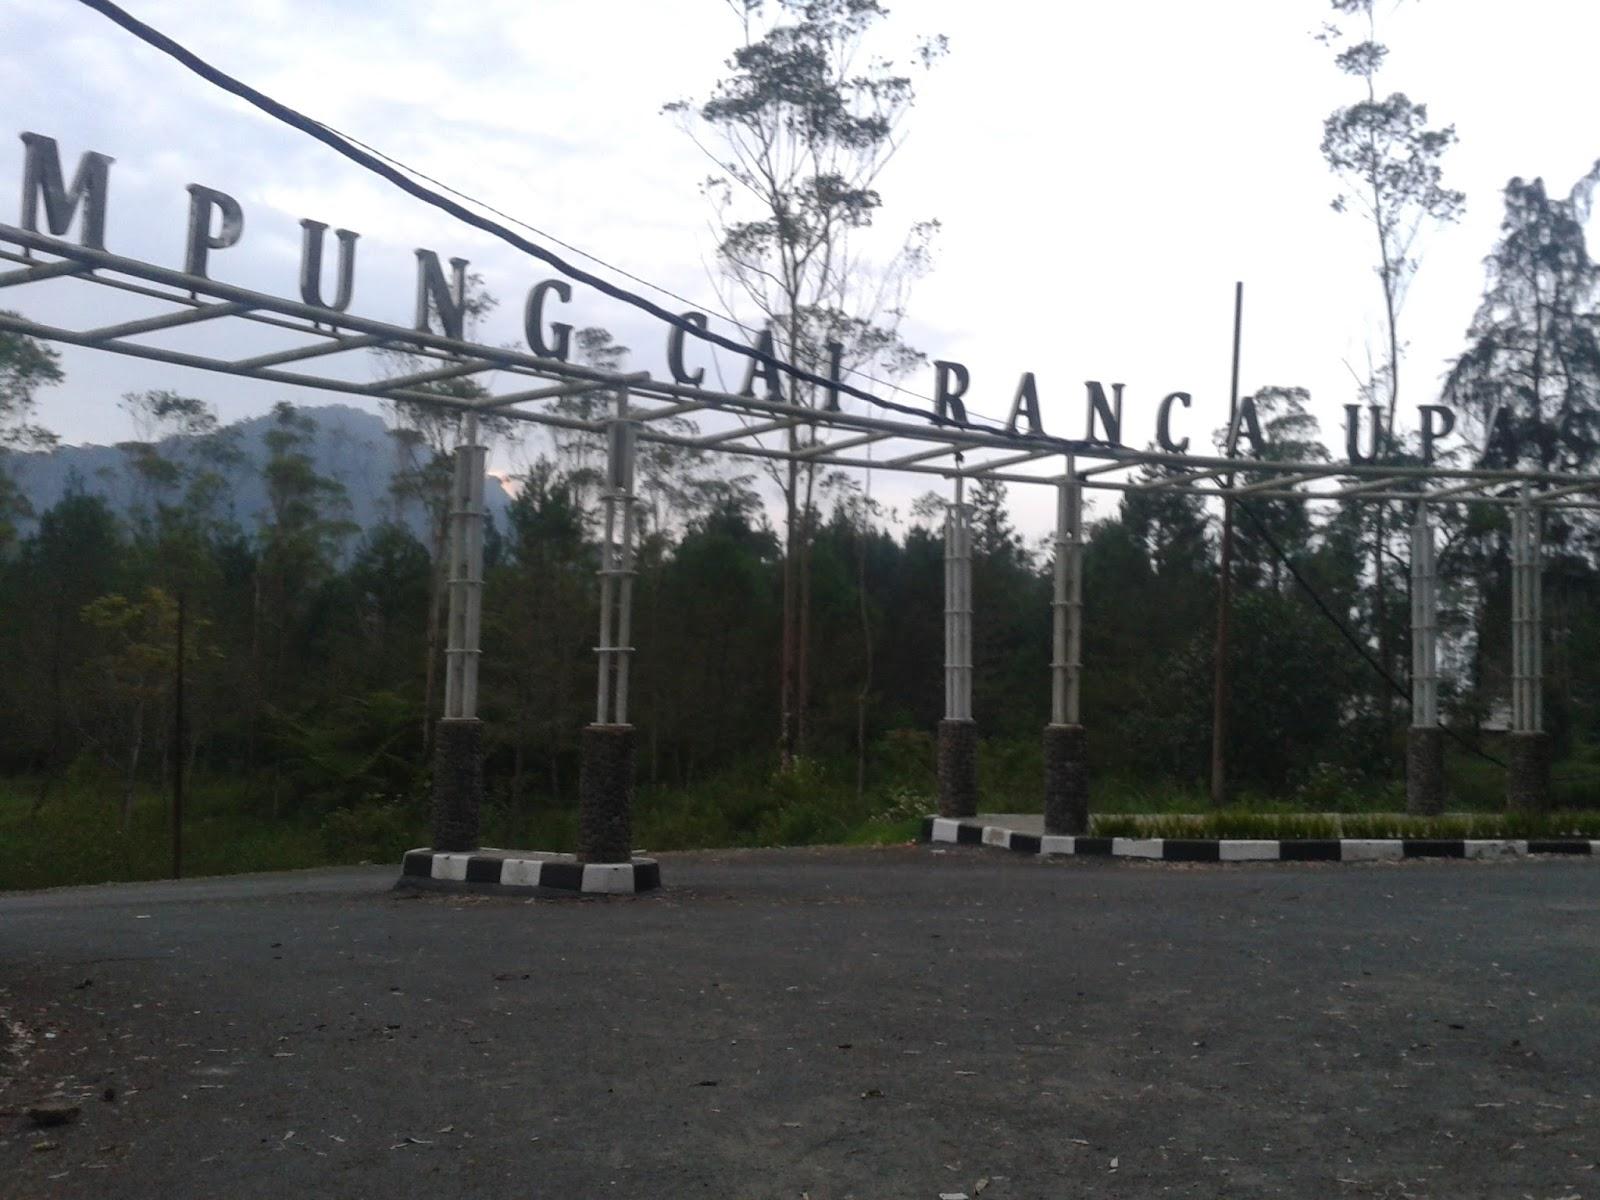 Family Camp Ranca Upas Ciwidey Journey Kampung Cai Nama Populer